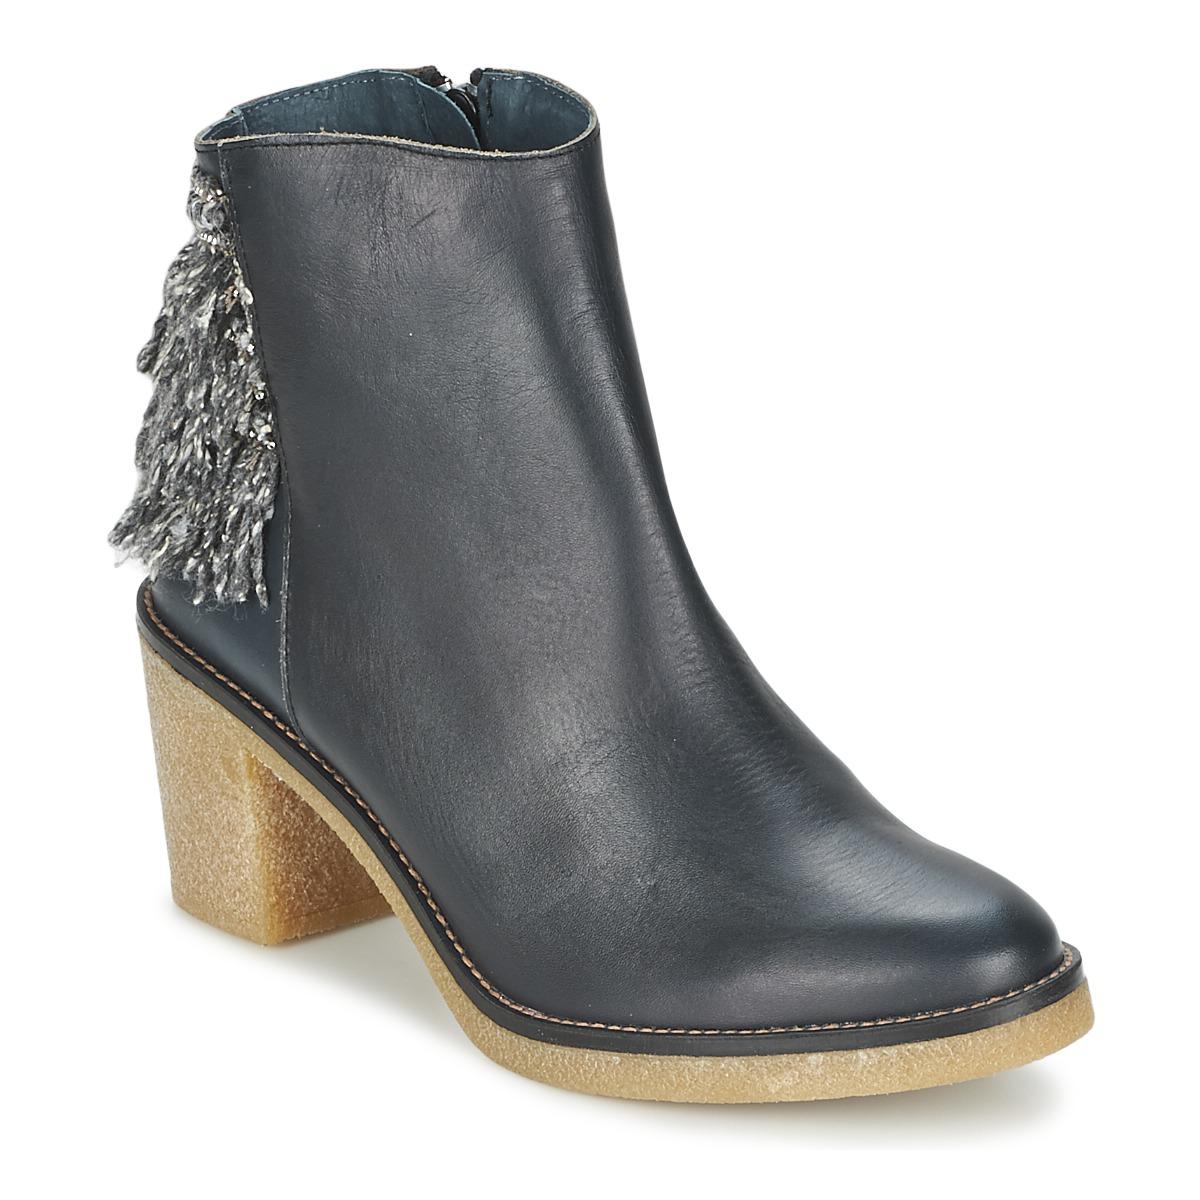 Miista BRIANNA Blau / Marine - Kostenloser Versand bei Spartoode ! - Schuhe Low Boots Damen 117,50 €